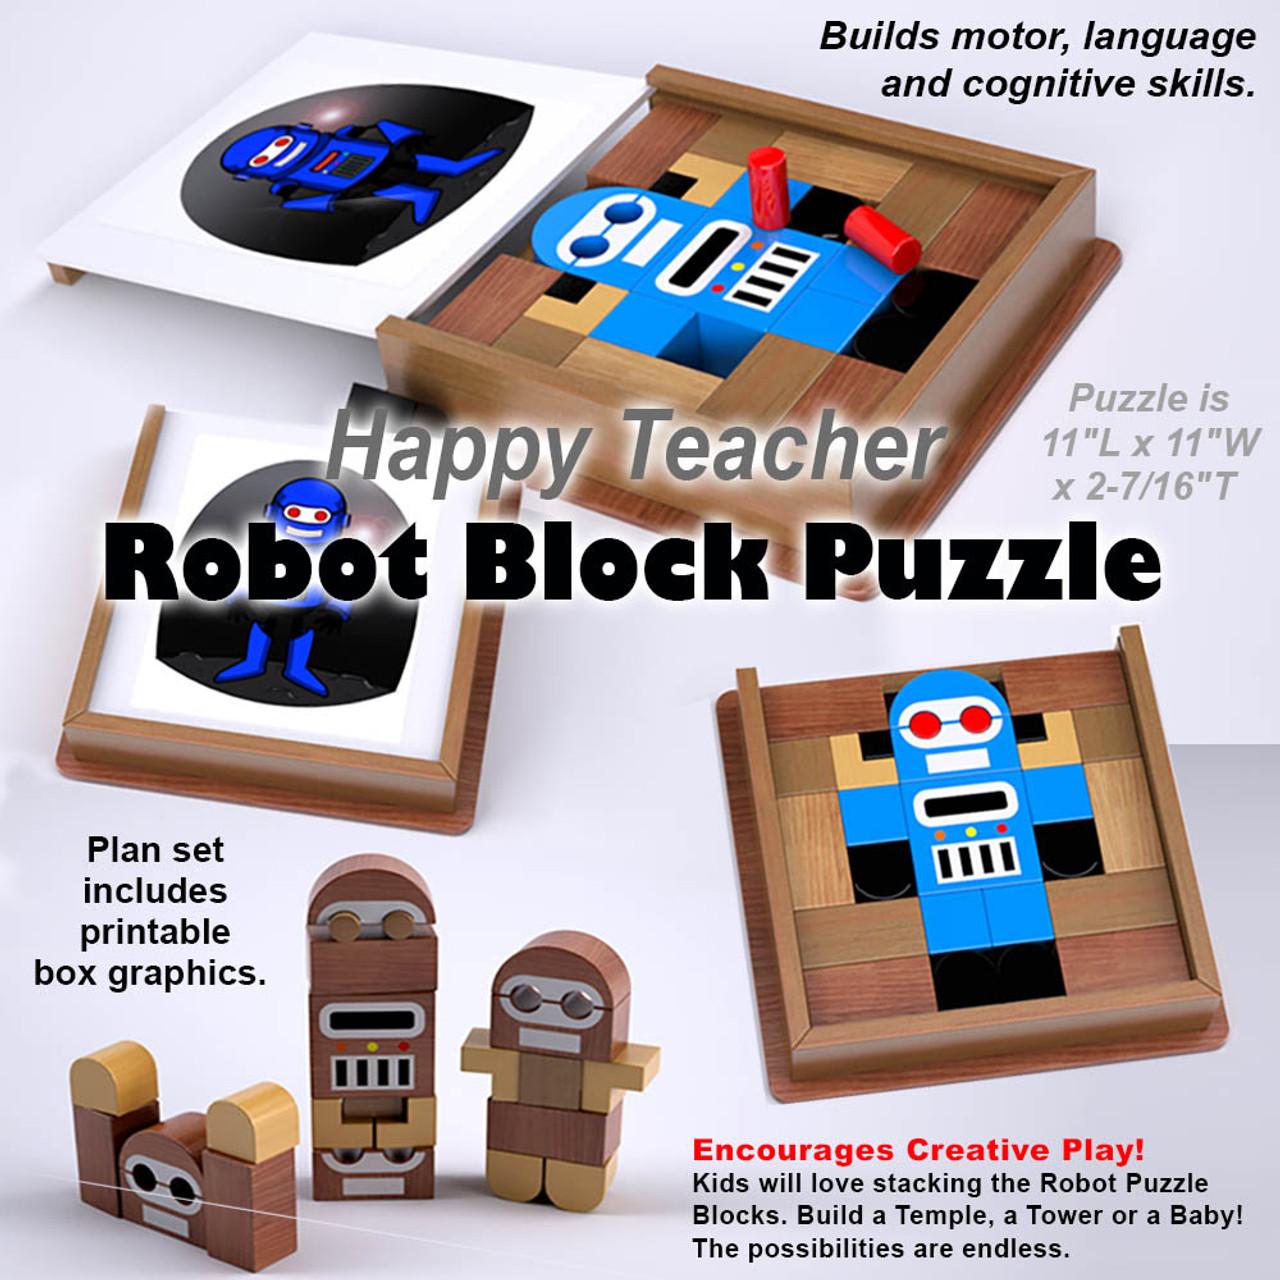 happy teacher robot block puzzle wood toy plans (pdf download)